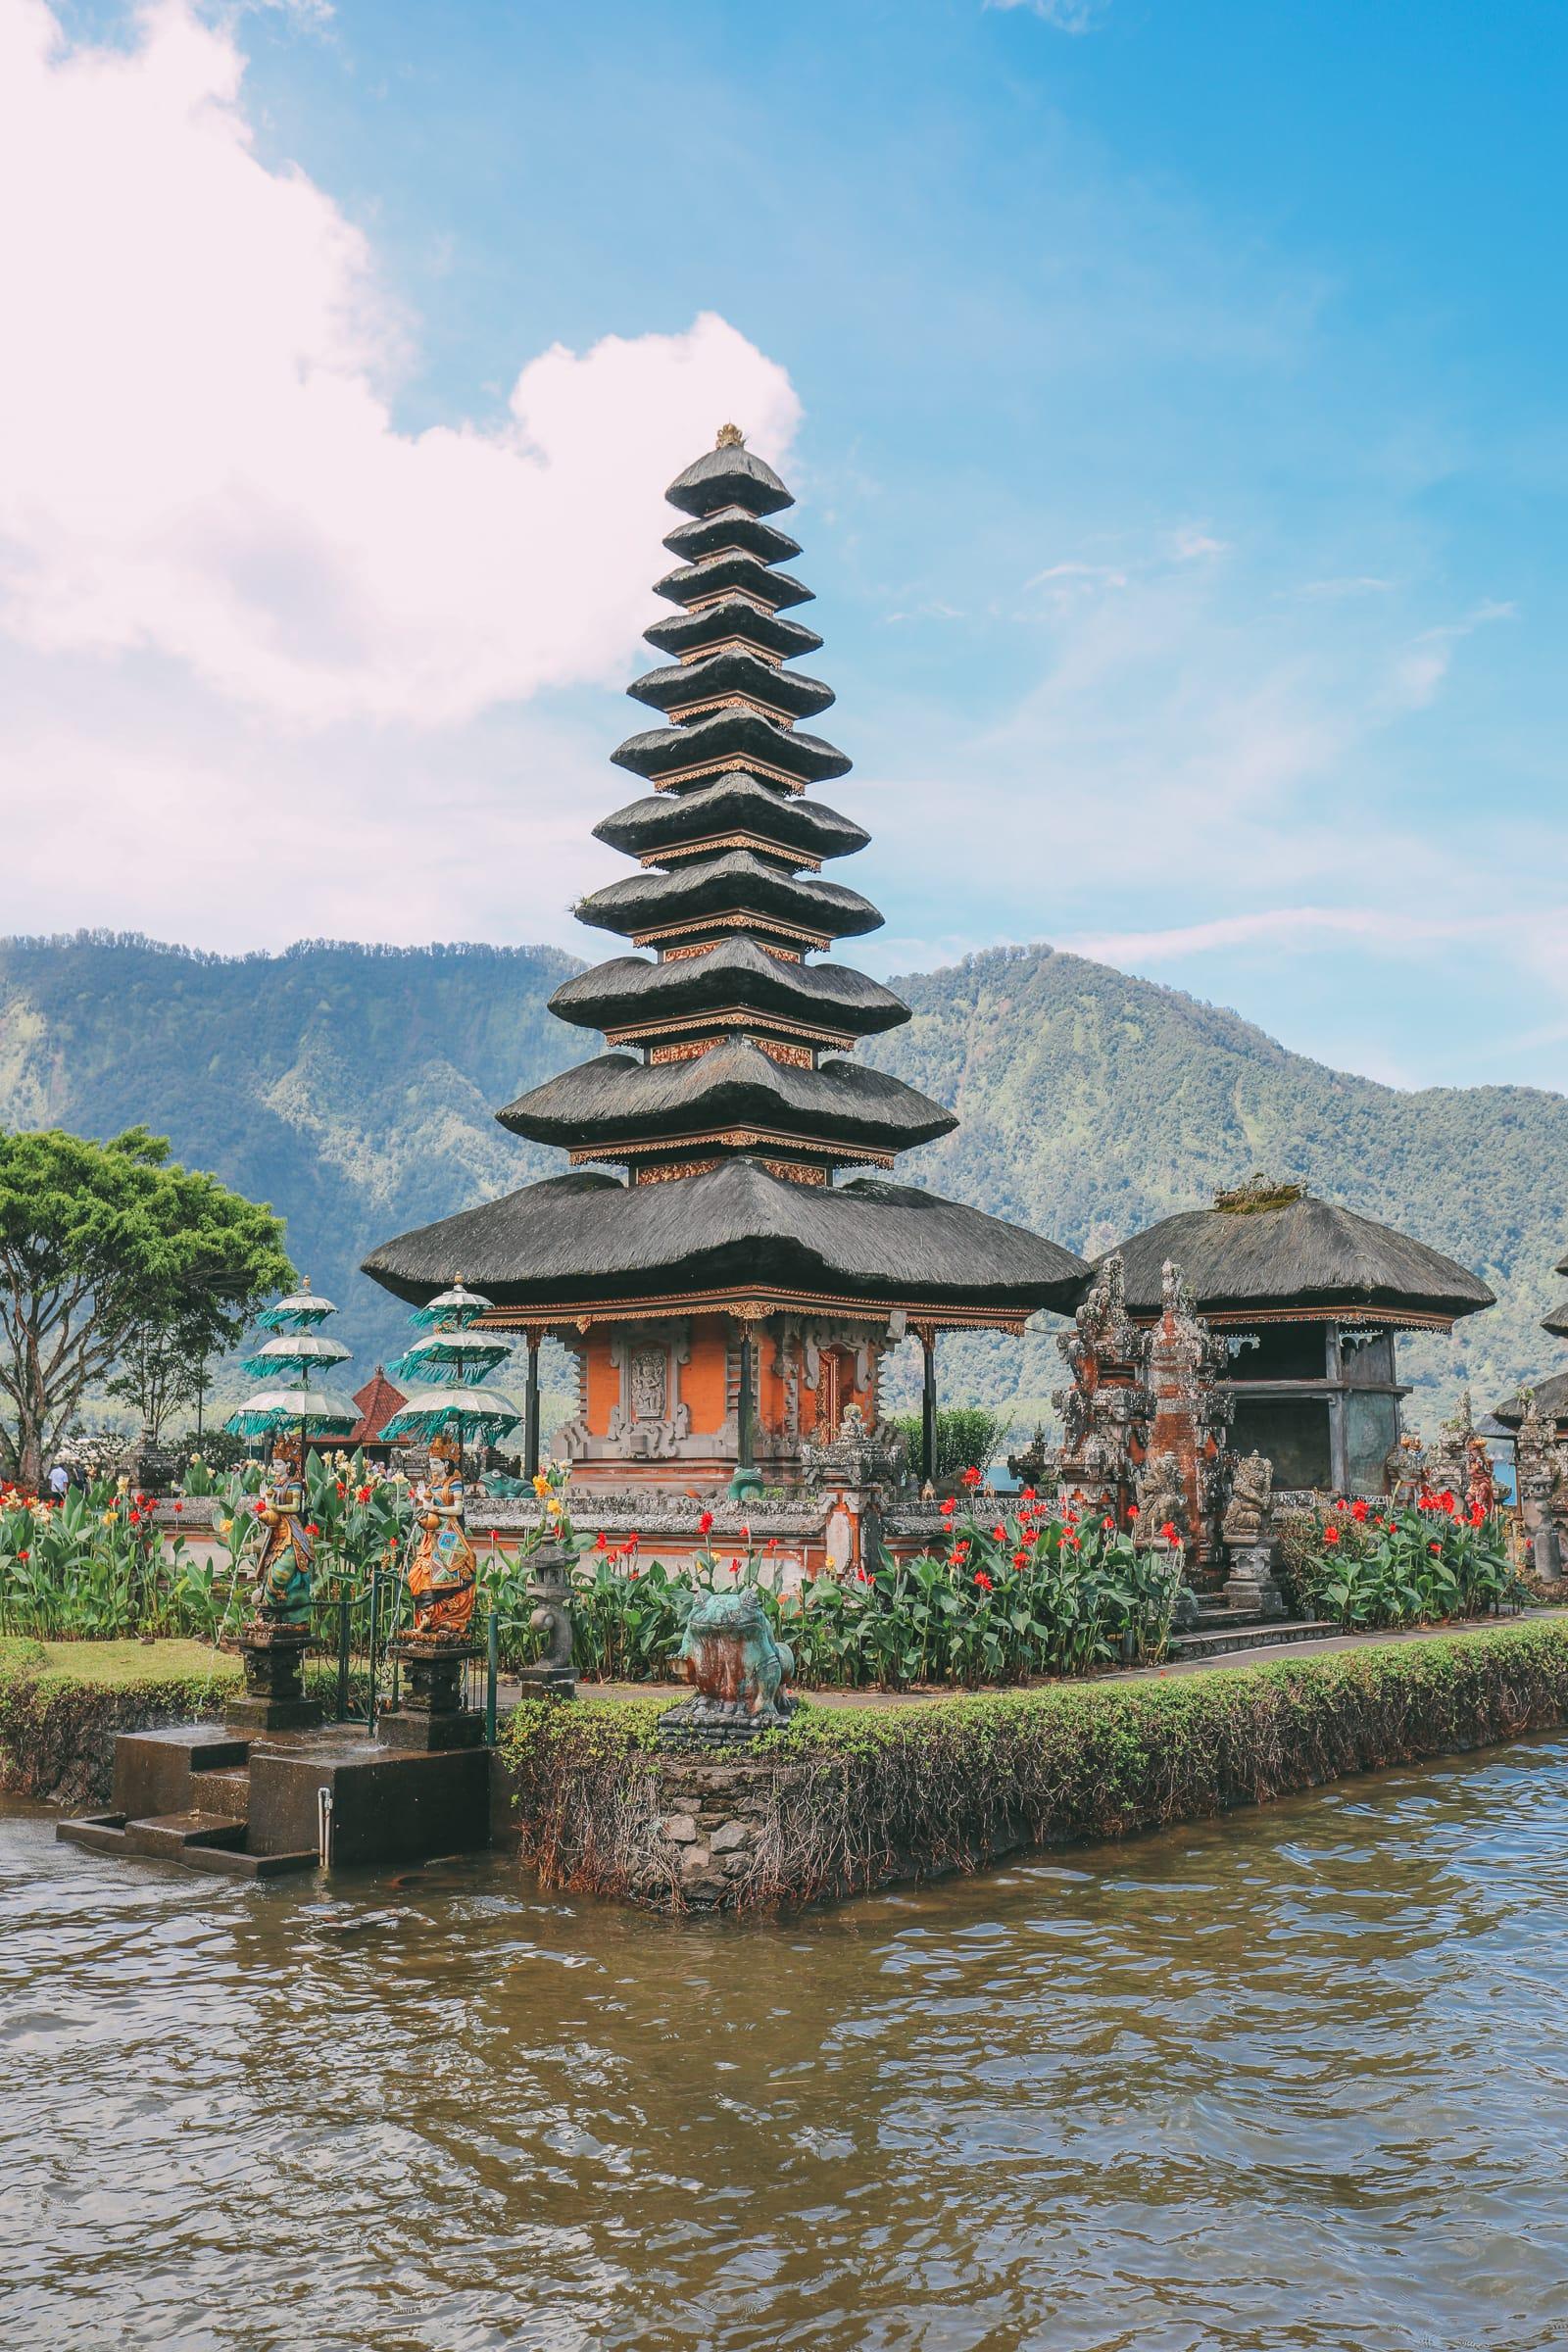 Bali Travel - The Beautiful Nungnung Waterfall And Ulun Danu Bratan Temple (31)